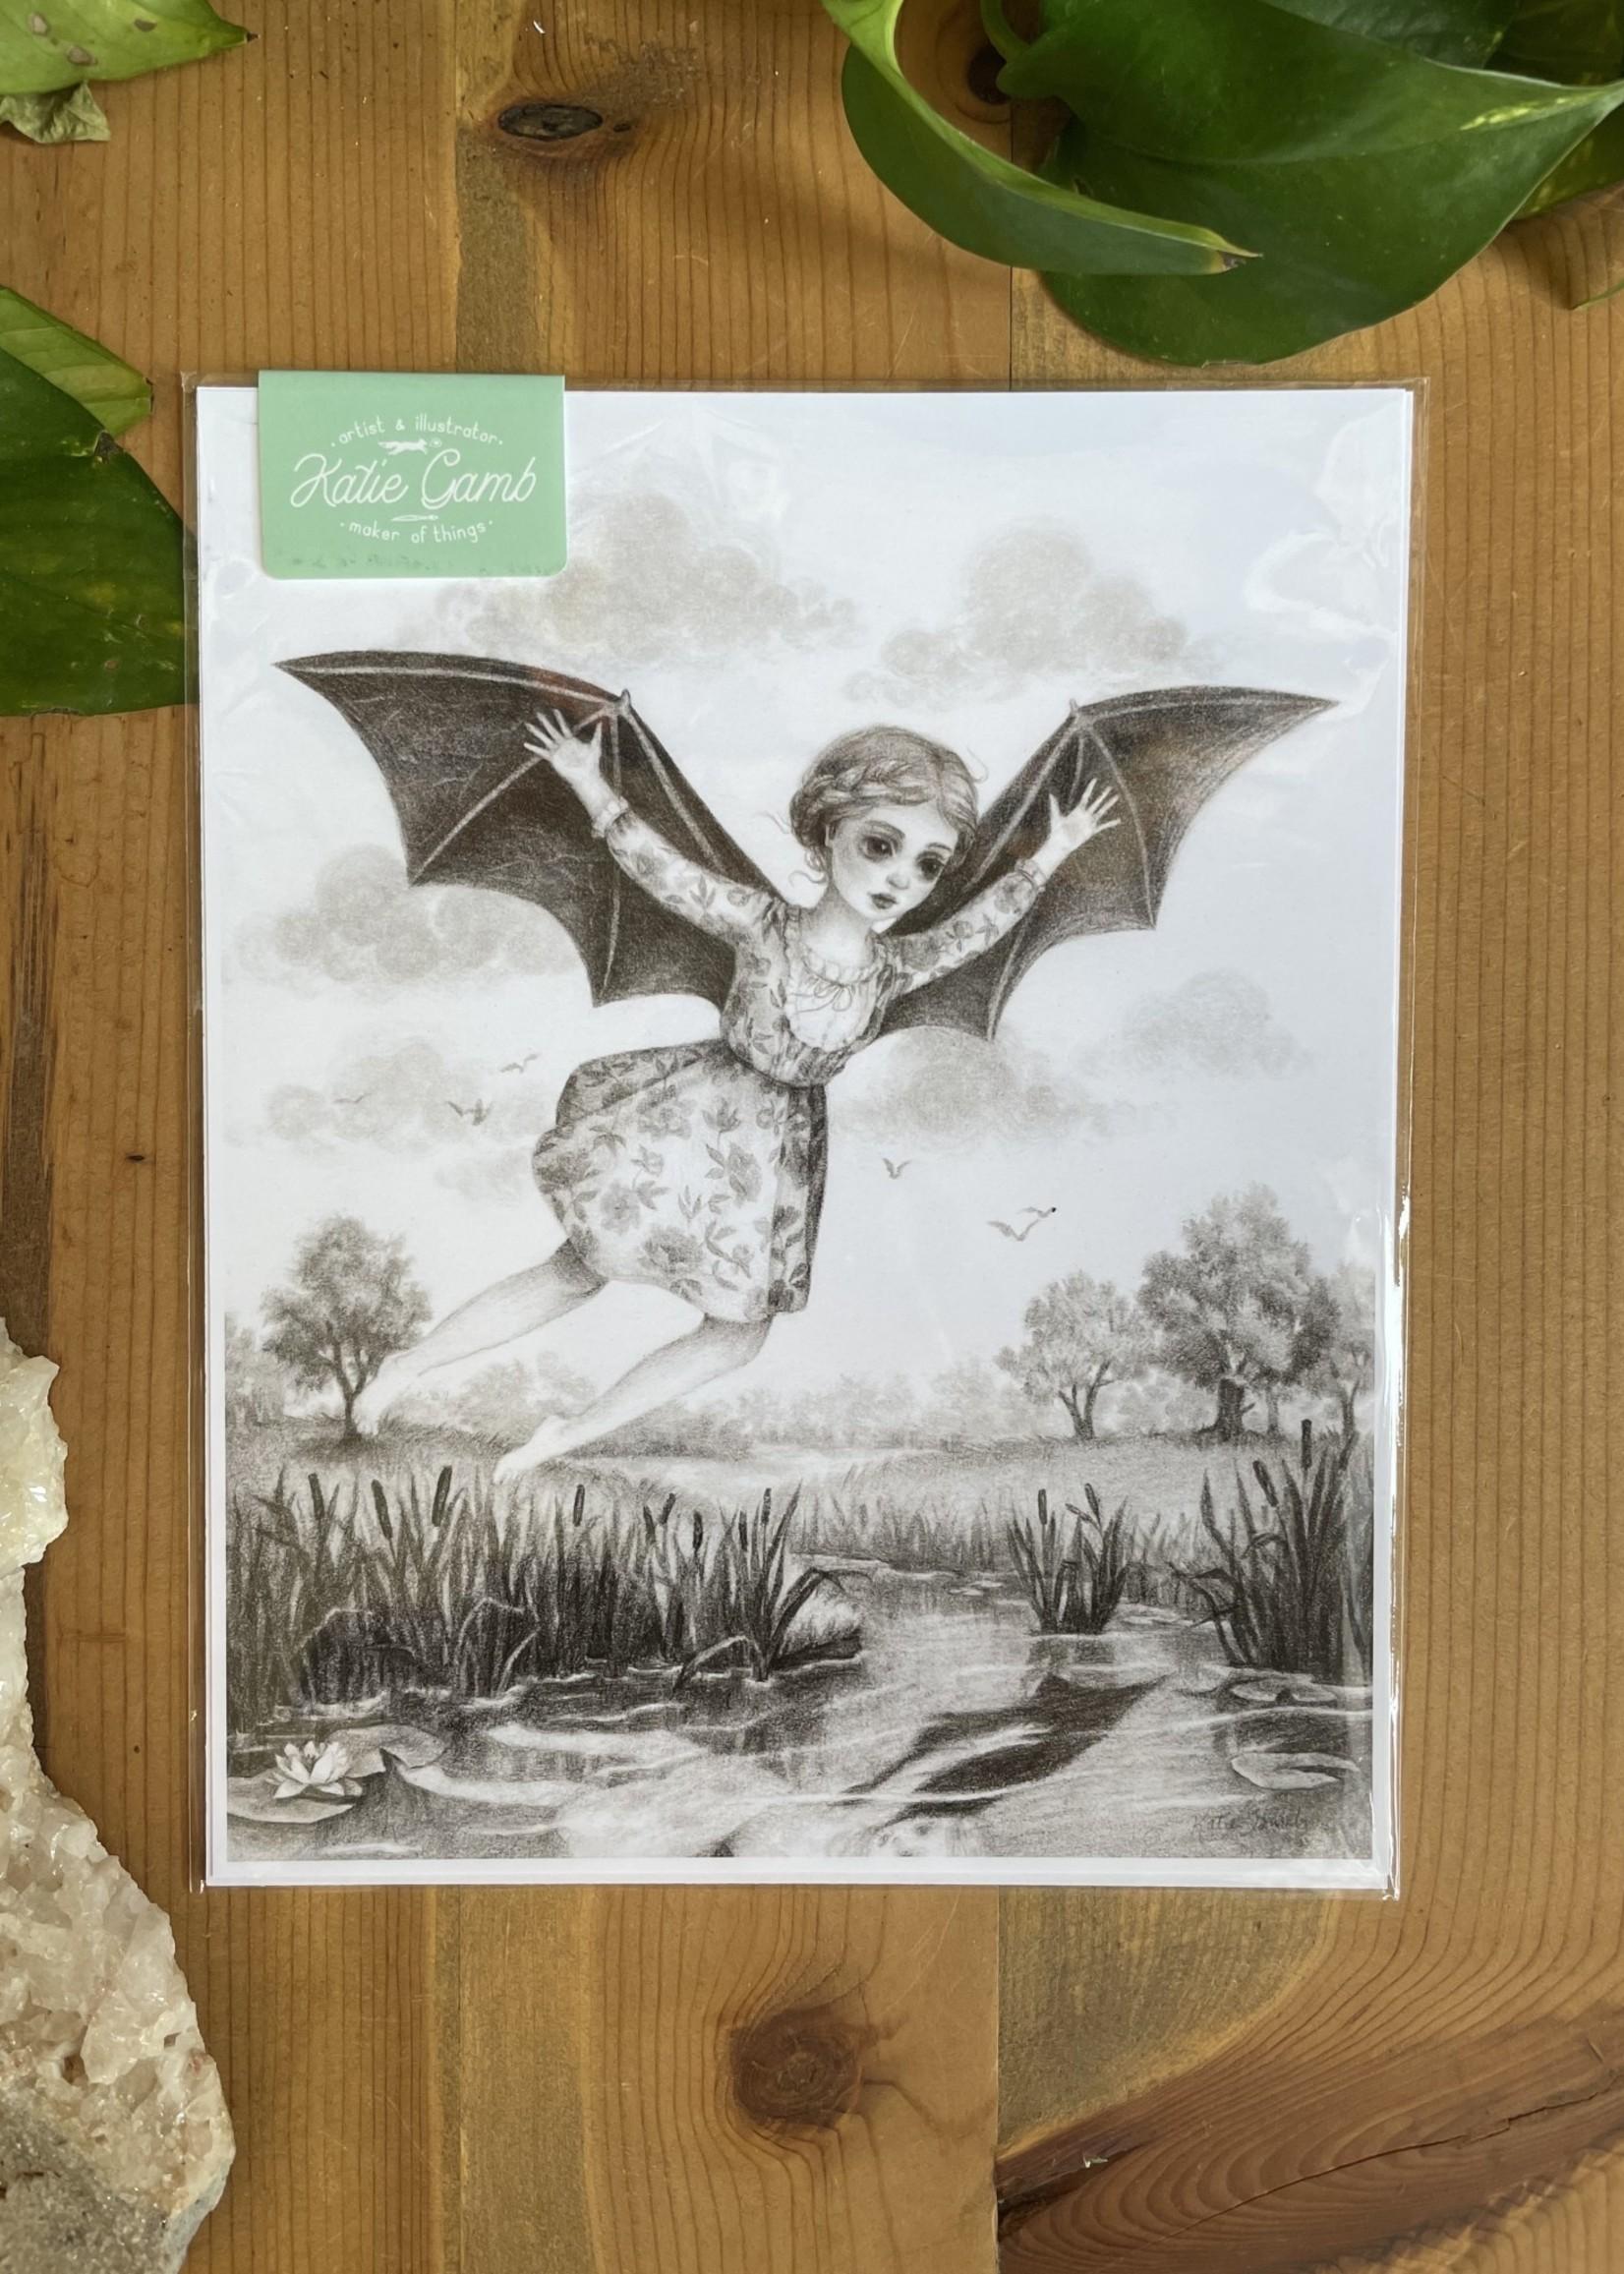 Katie Gamb 8x10 Art Prints